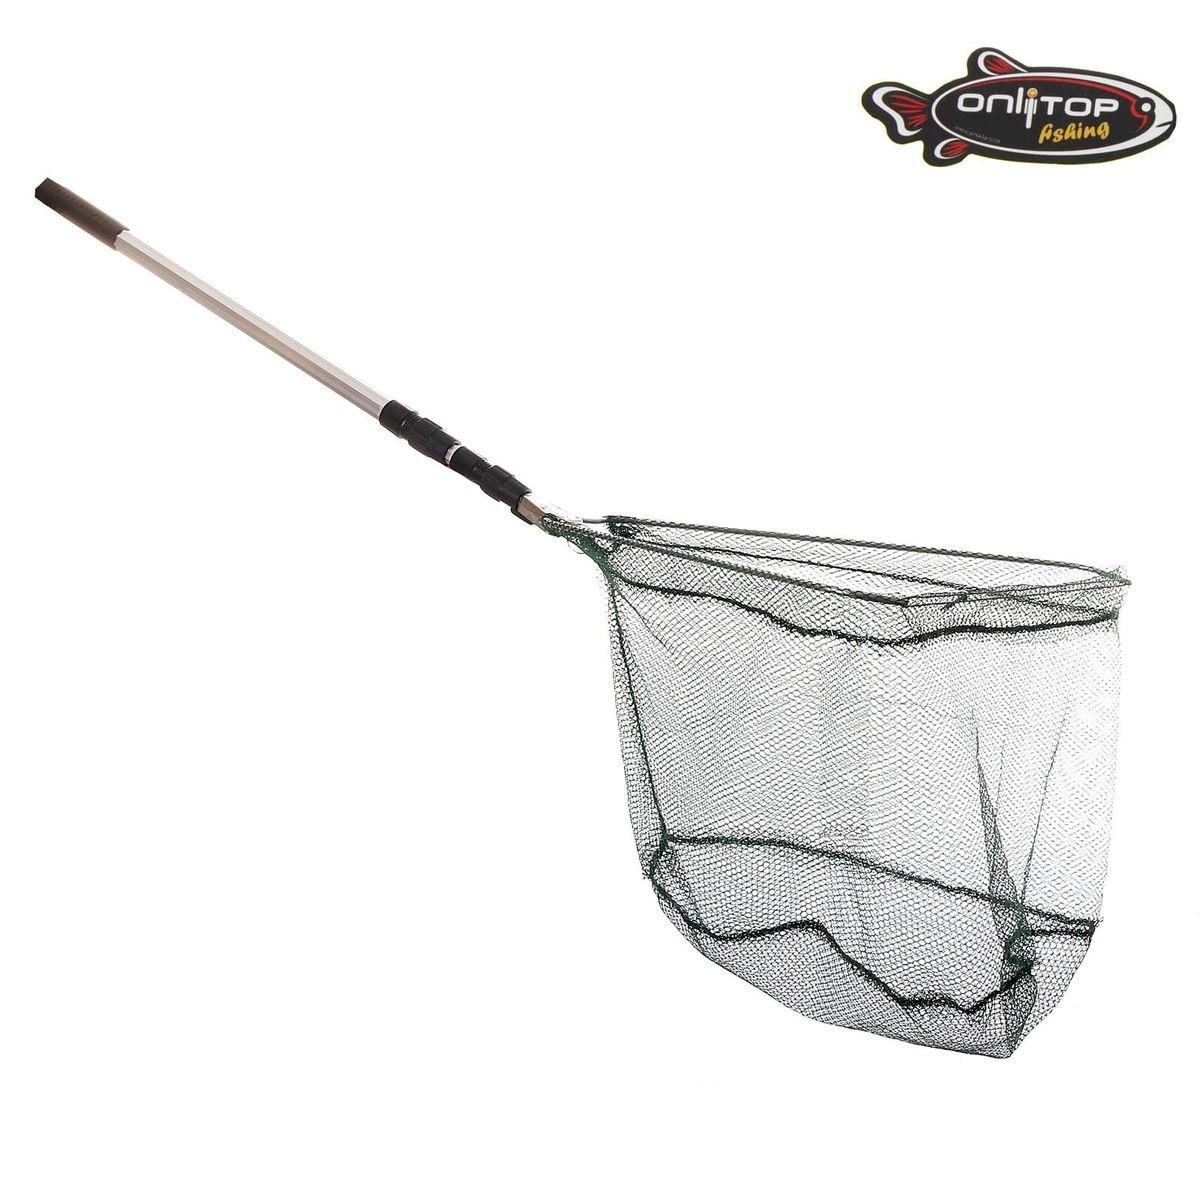 Подсачник рыболовный Onlitop, складной, диаметр 37 см, длина ручки 1 м стул onlitop складной blue 134201